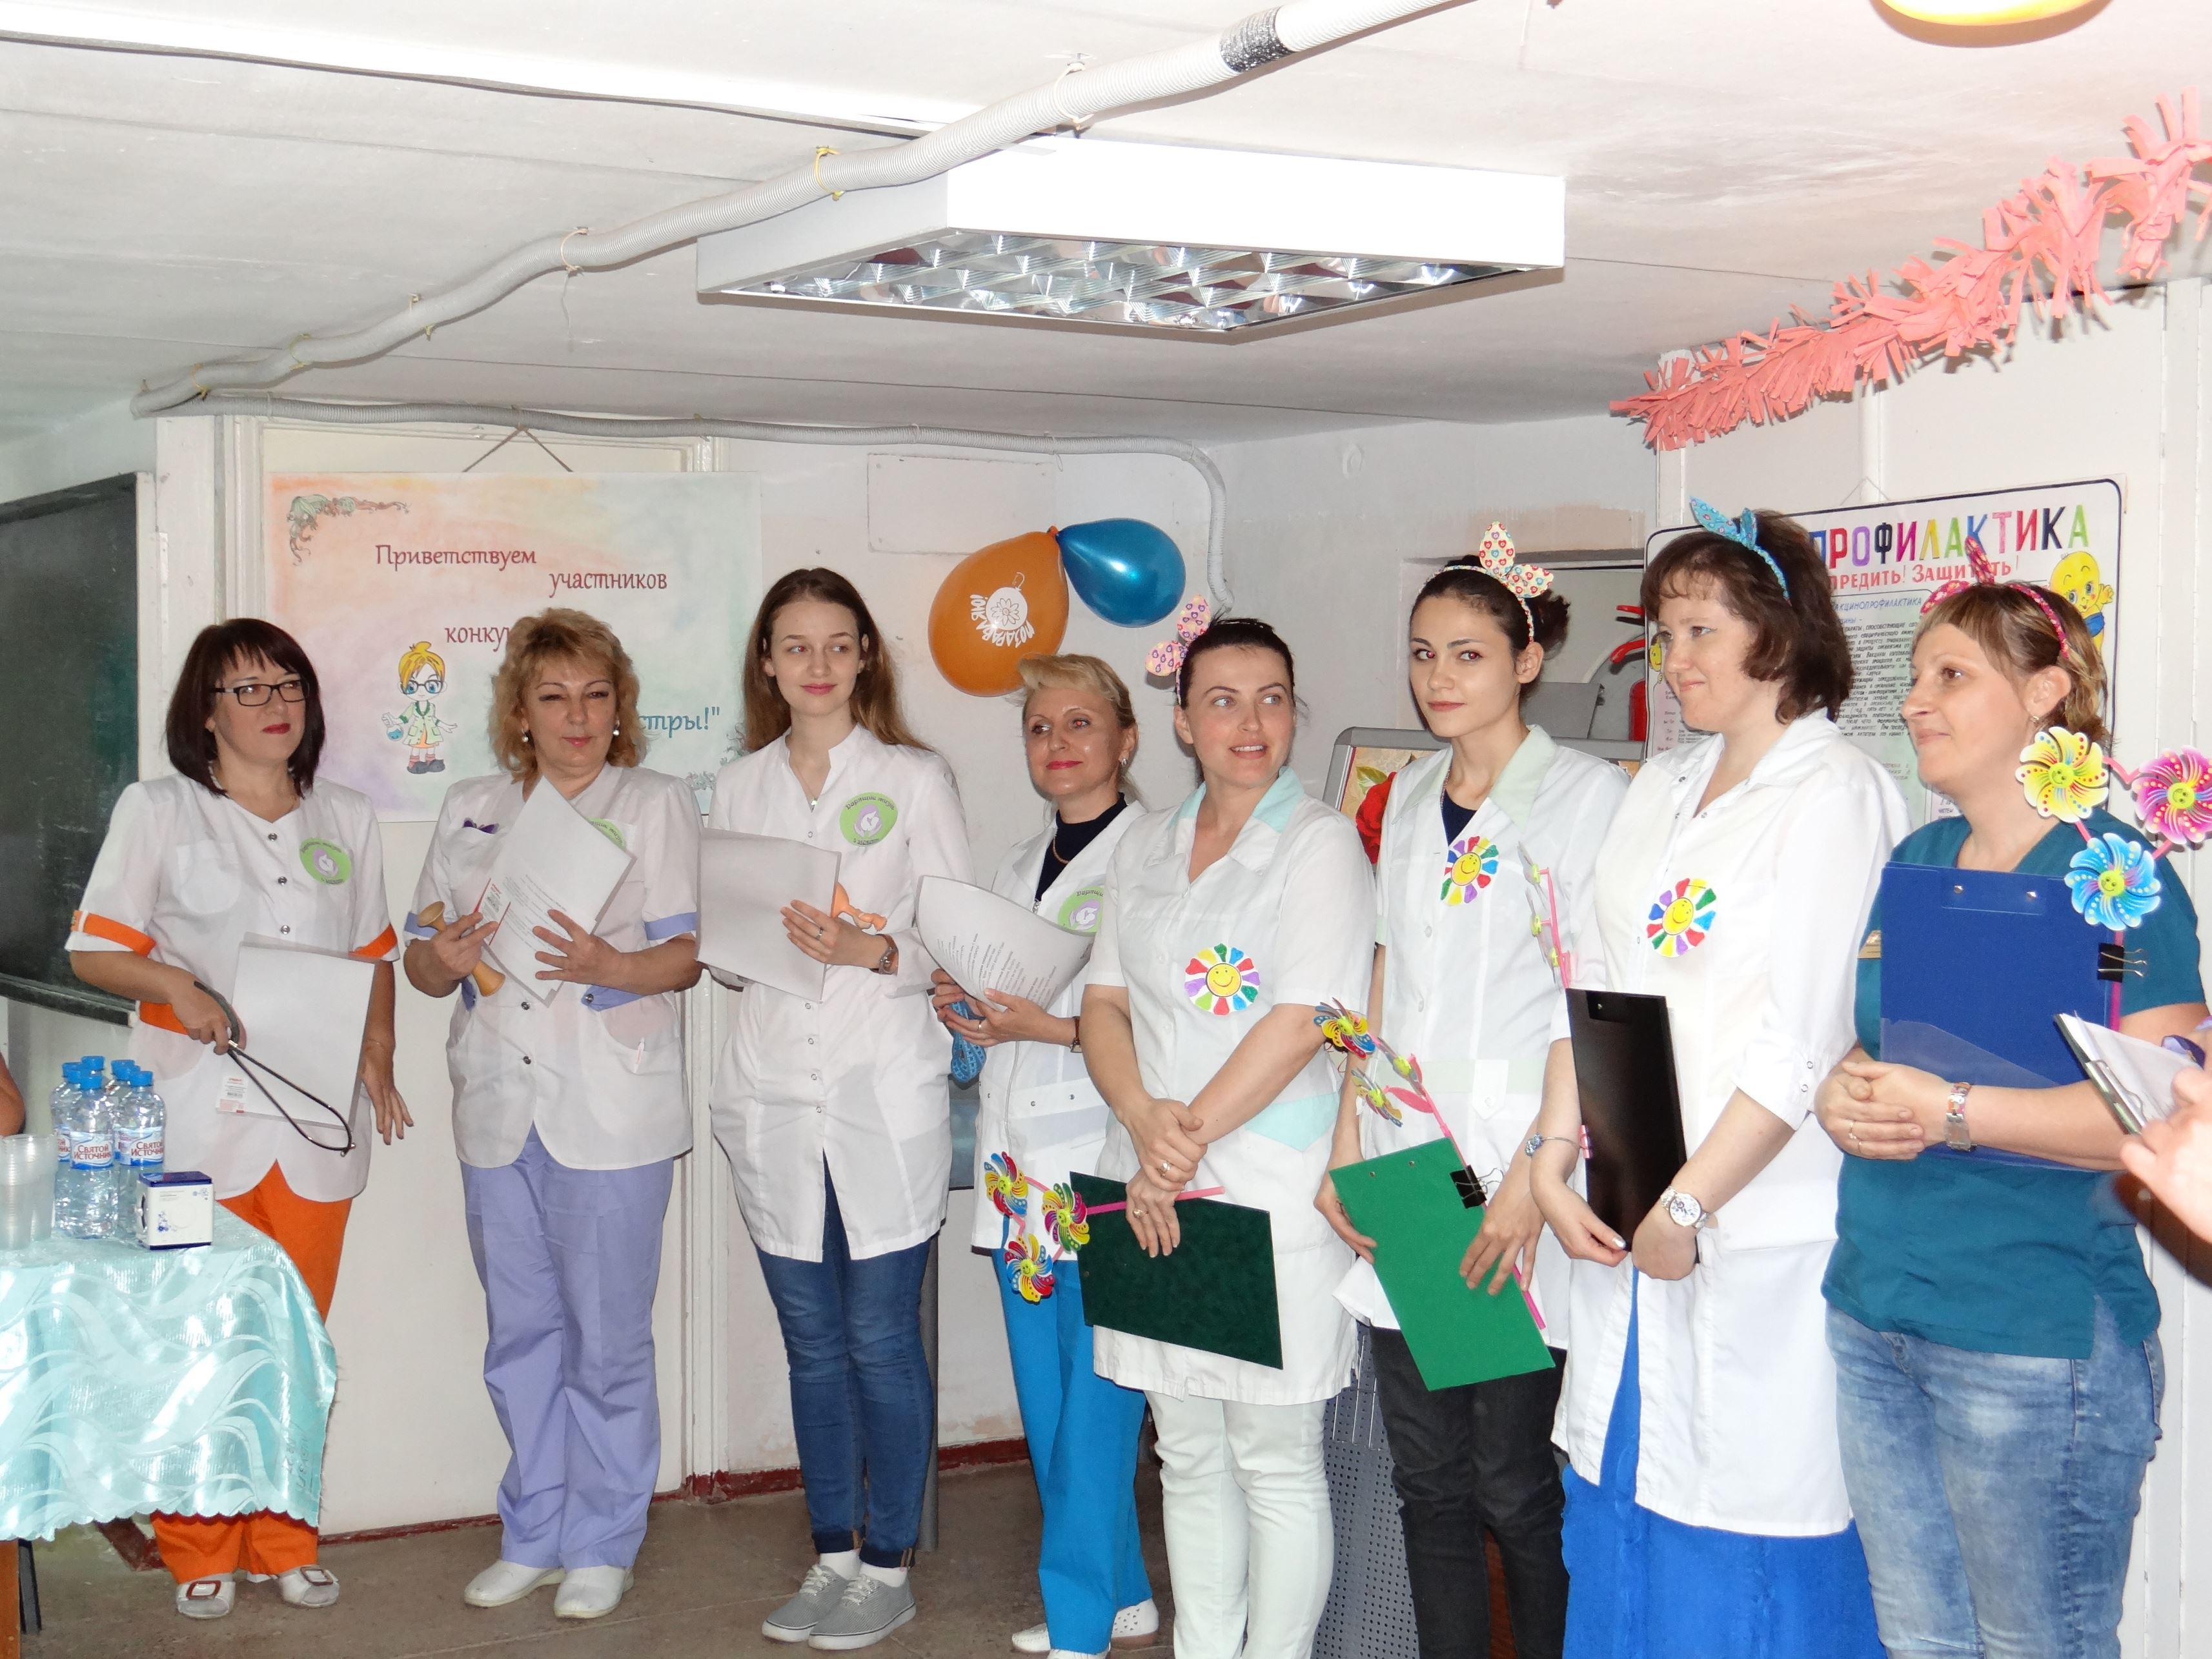 Как представить себя на конкурсе для медсестры